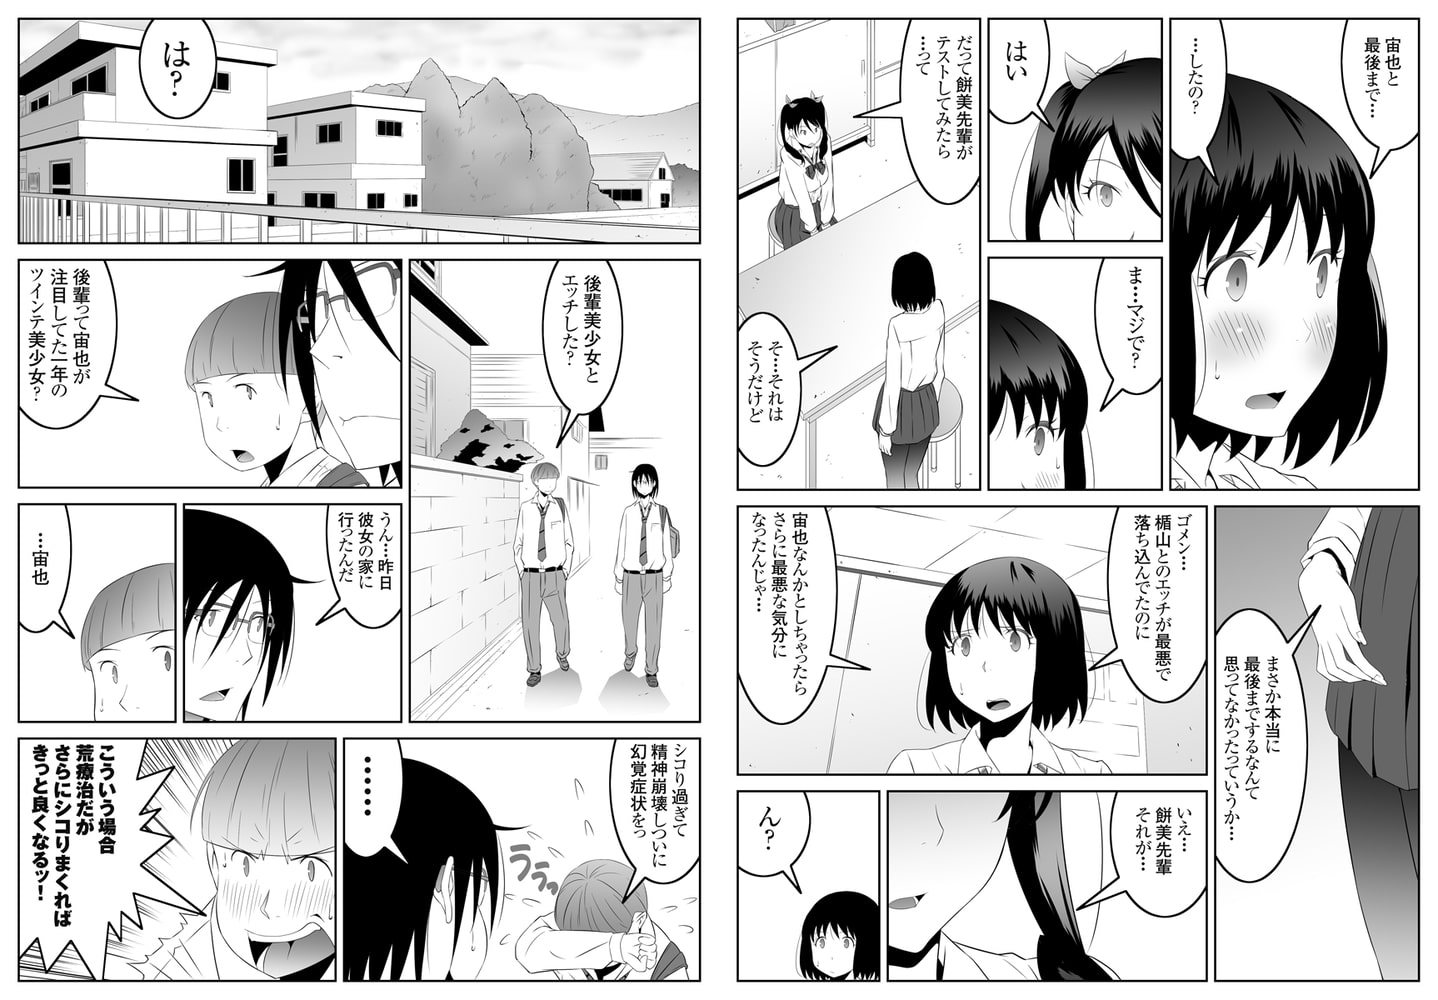 後輩の瑛奈ちゃんは気持ちの良いセックスがしたい! 3巻